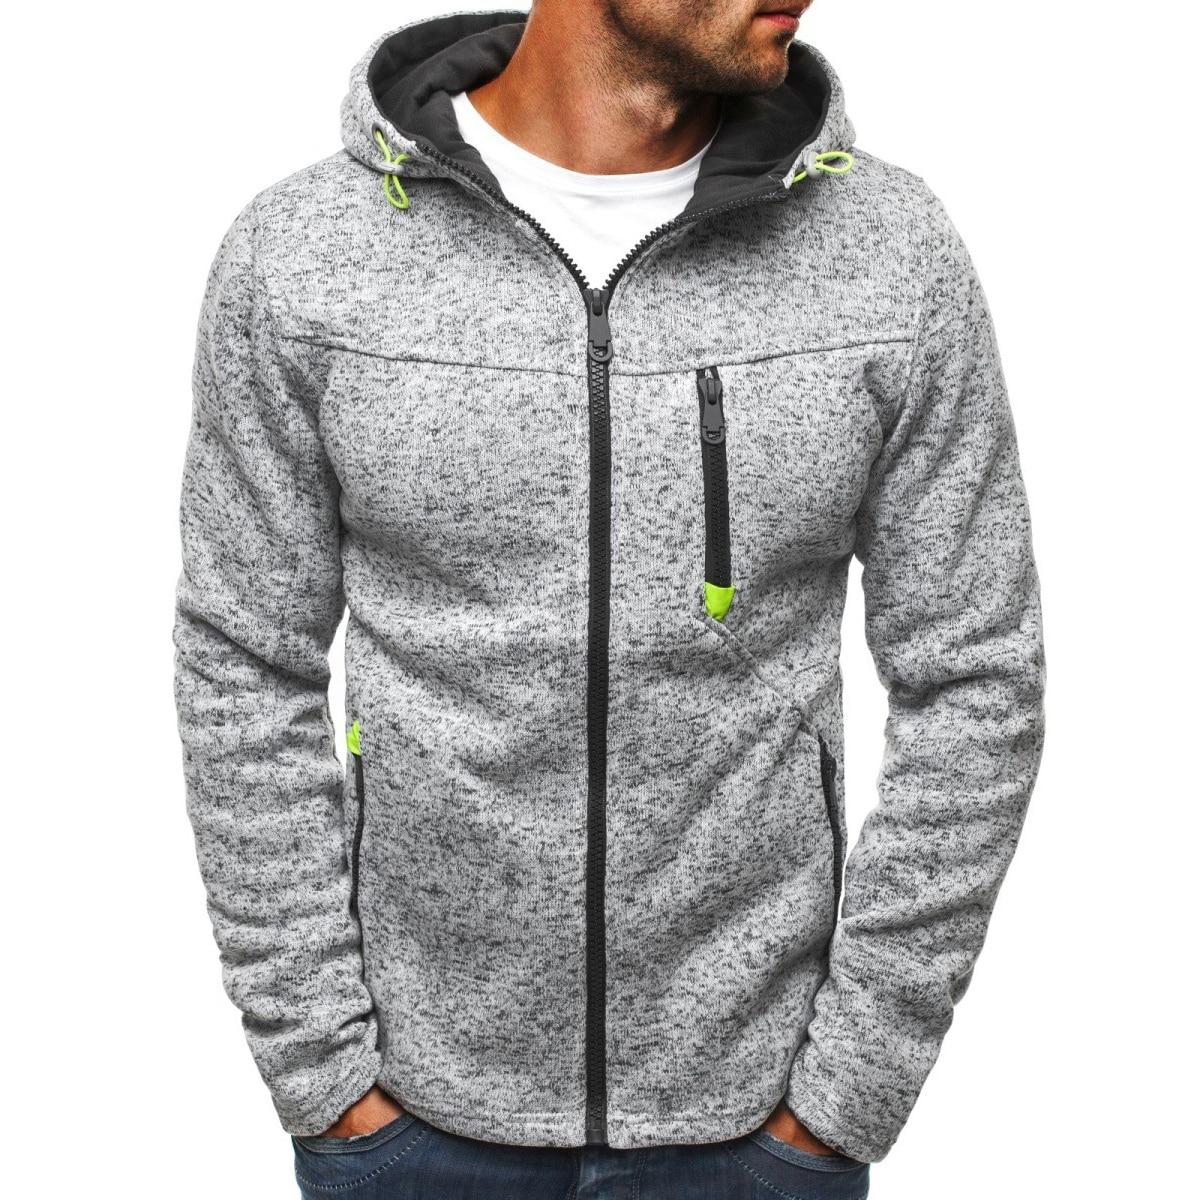 2021 брендовая жаккардовая толстовка с капюшоном, флисовый кардиган, пальто с капюшоном, мужские толстовки, свитшоты, пуловеры для мужчин, тол...